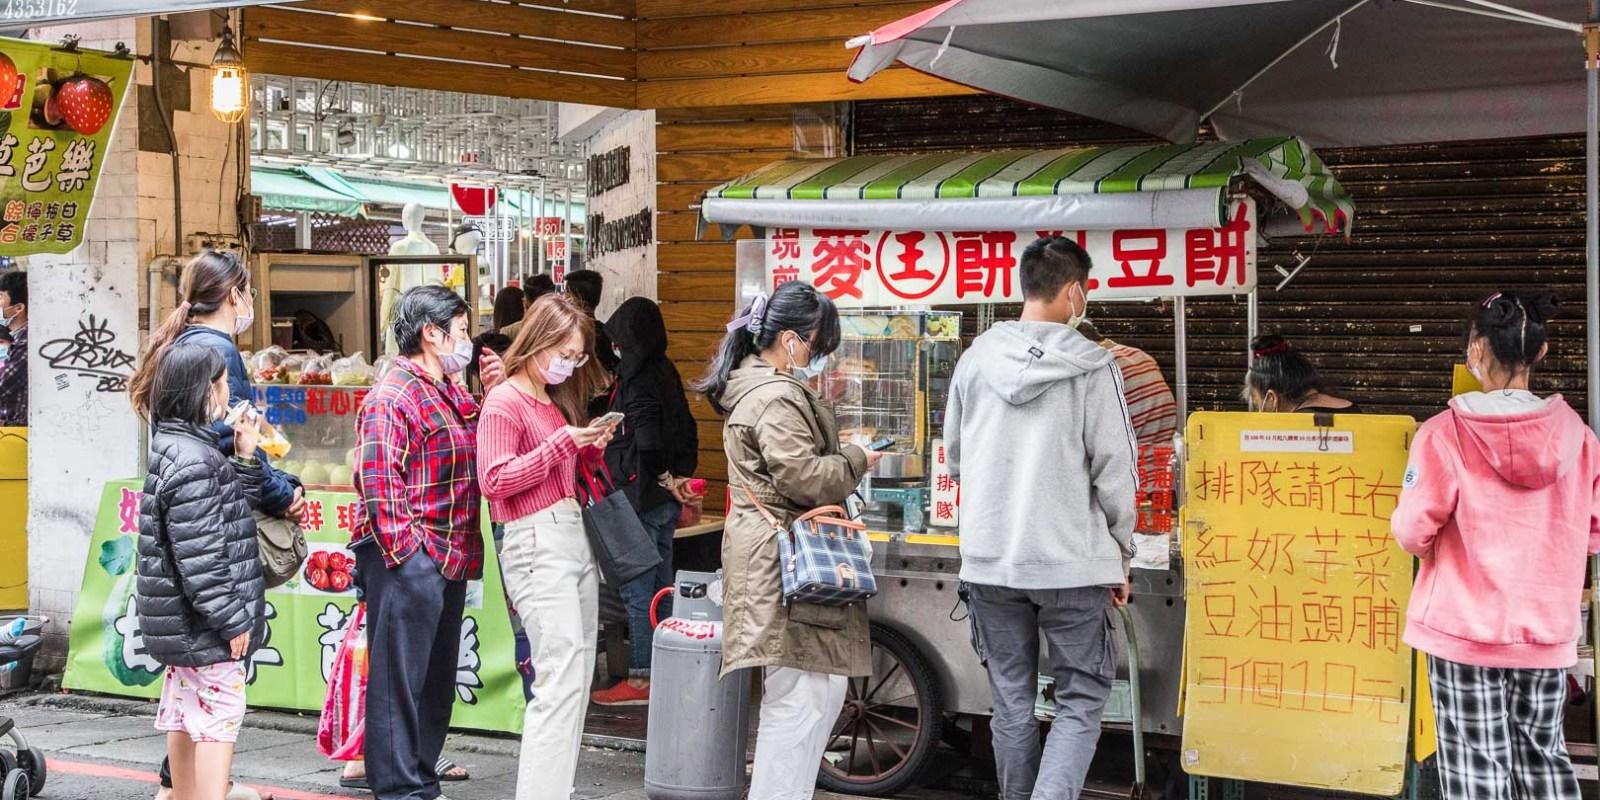 [桃園美食]王記現煎麥餅紅豆餅/這價格停在二十年前吧!?車輪餅三個竟然只要十元!超欠吃!